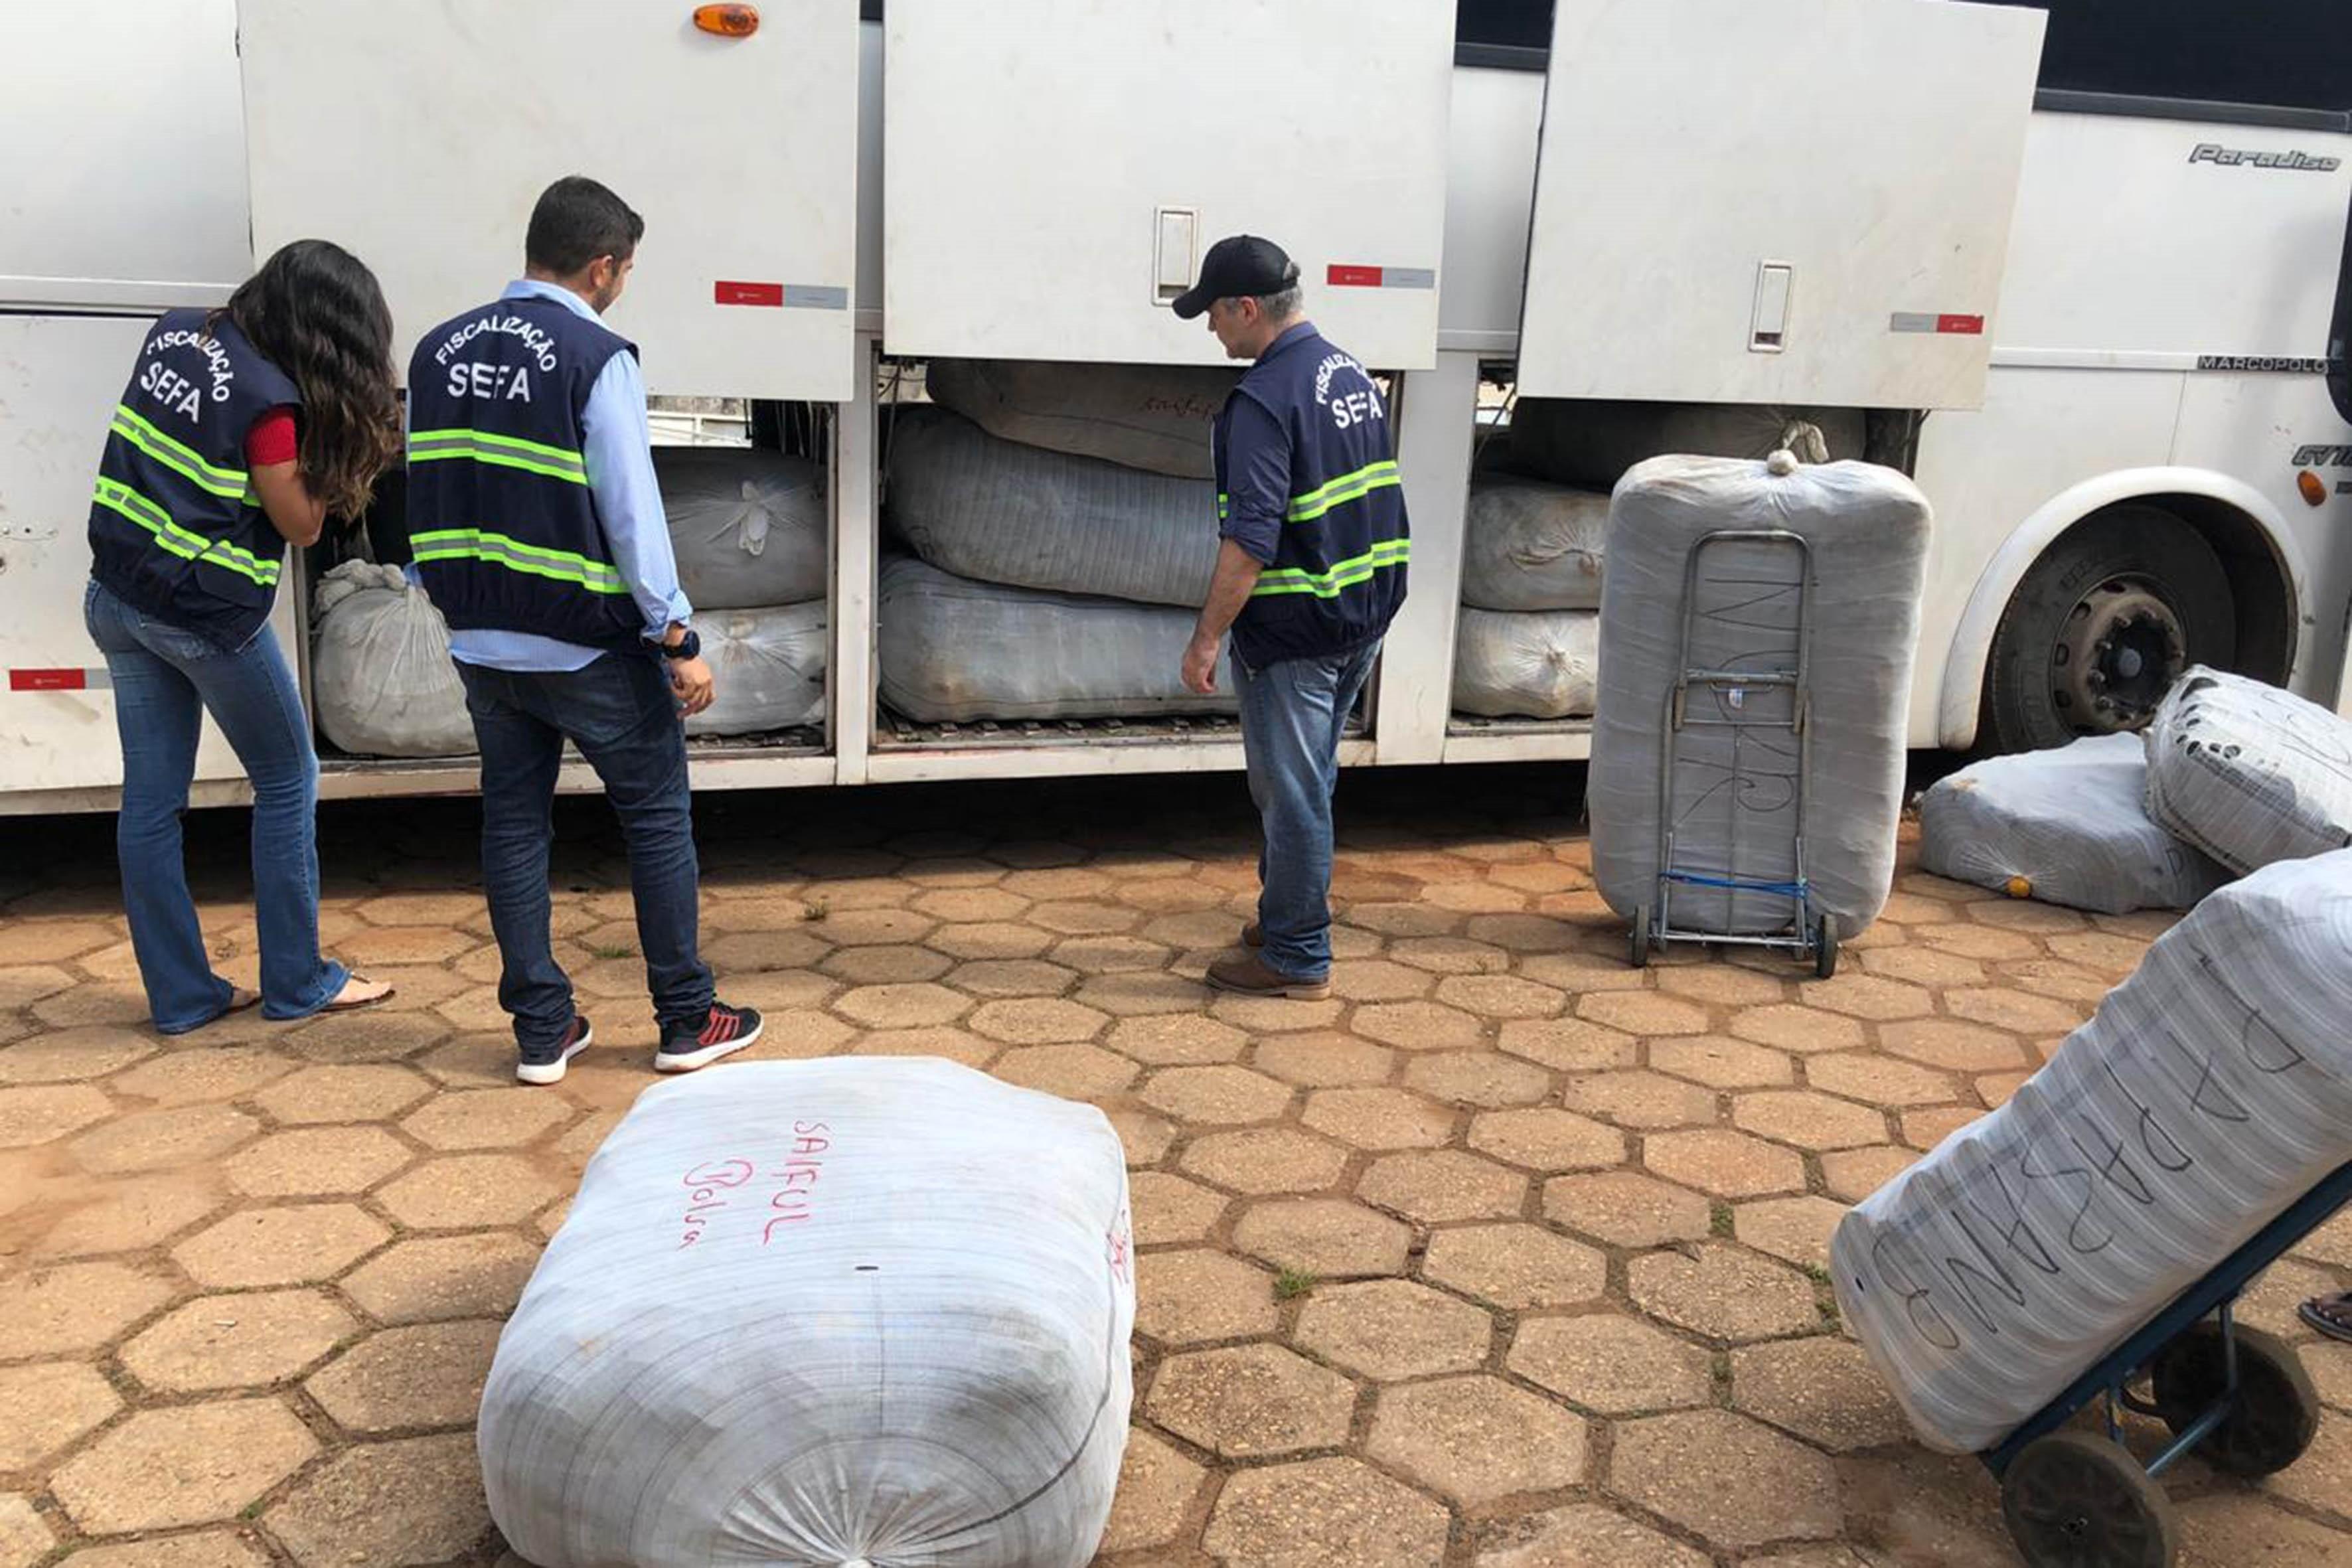 Fiscalização apreende mais de 1,5 mil peças de roupa em ônibus de viagem com destino à Belém